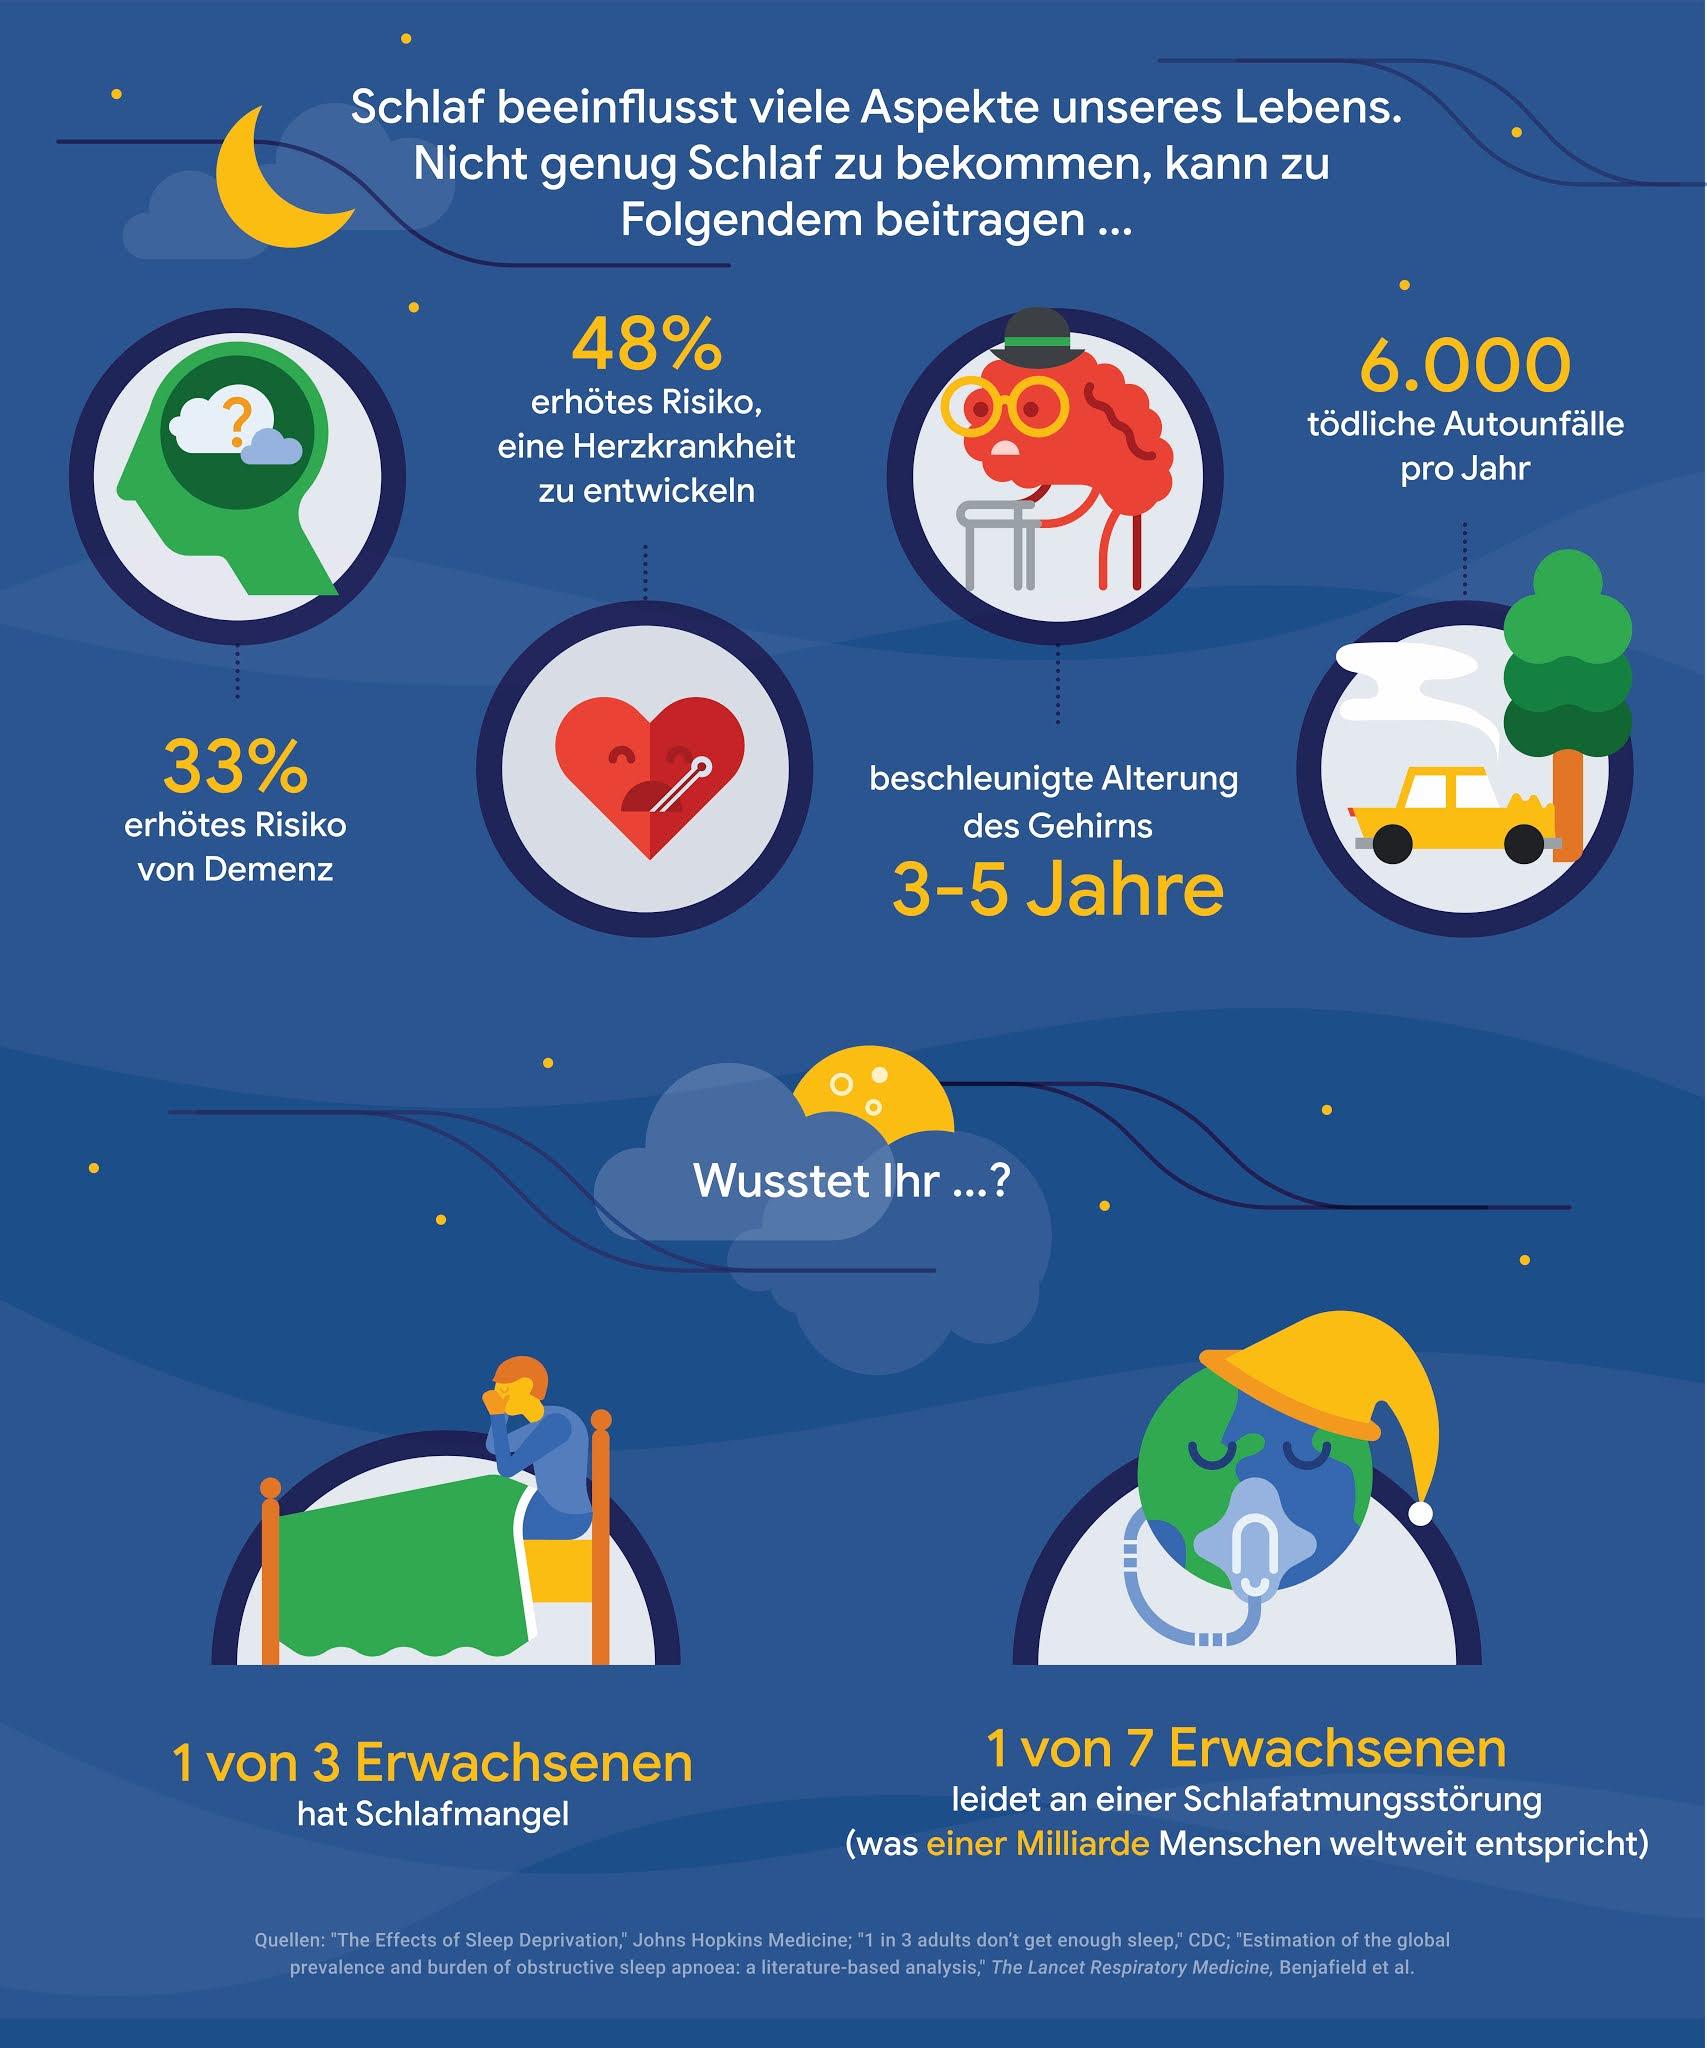 Eine Infografik über die Ergebnisse einer Schlafstudie